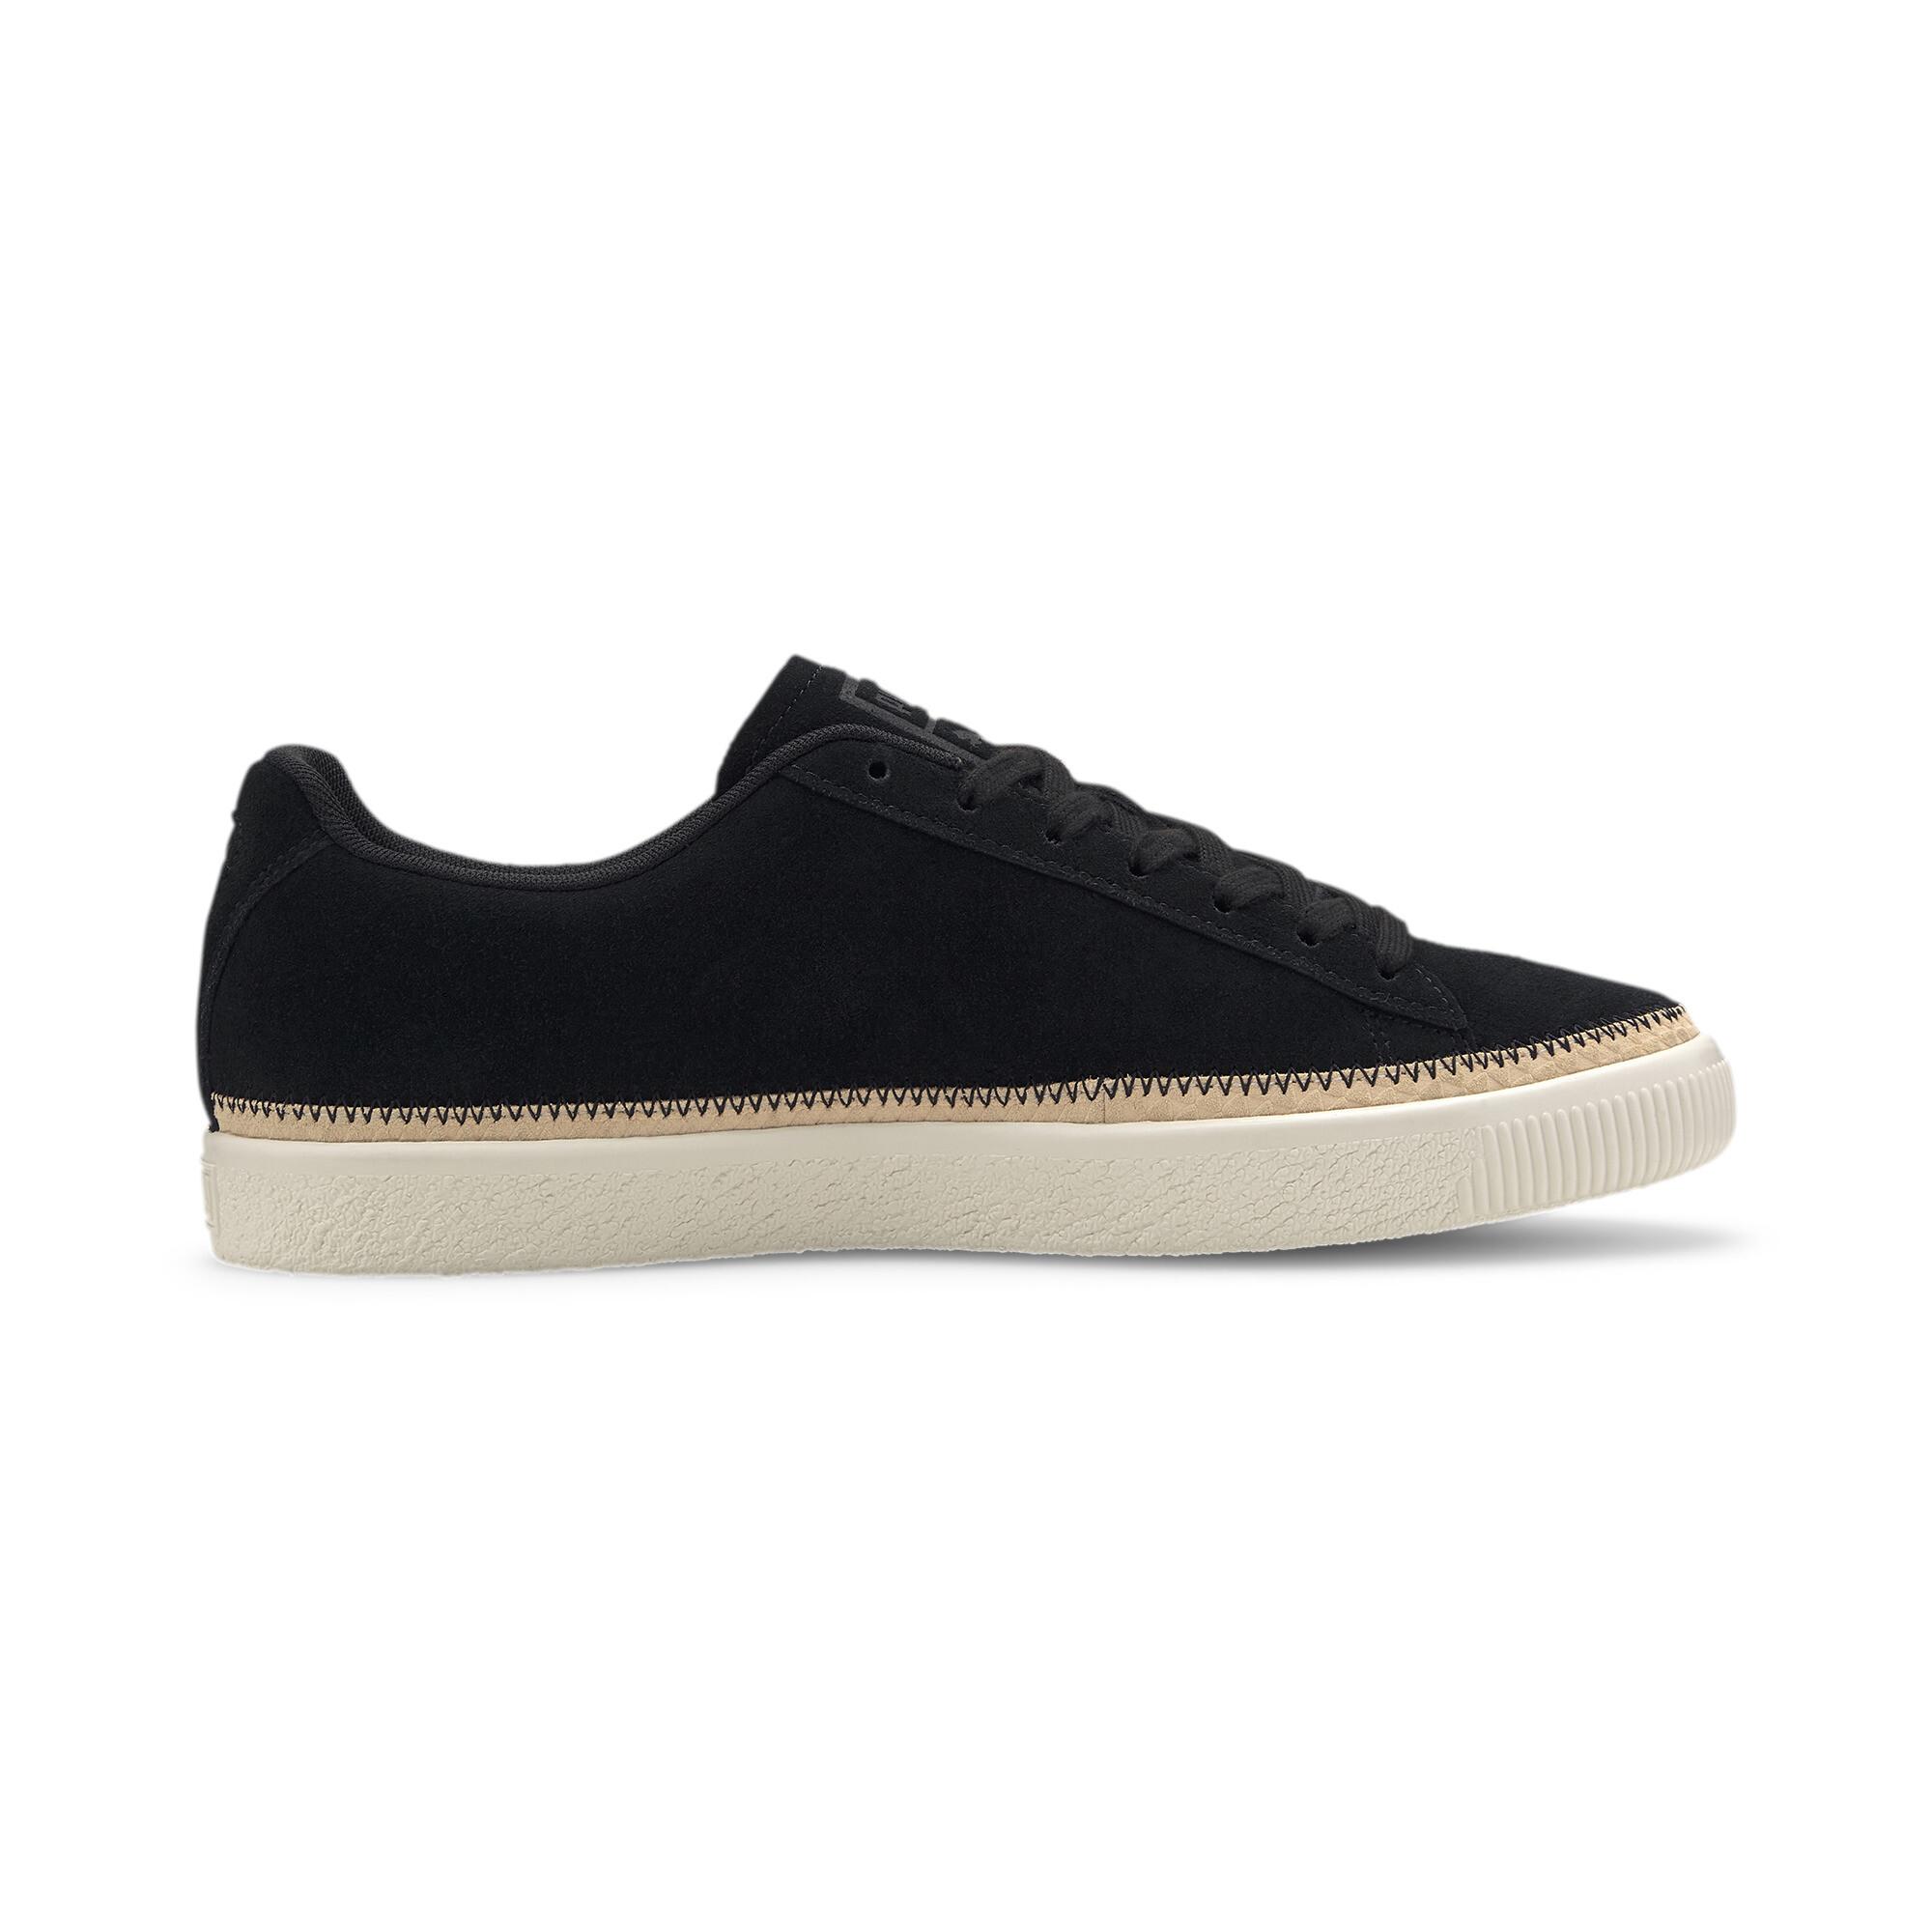 PUMA-Men-039-s-Suede-Trim-DLX-Sneakers thumbnail 21